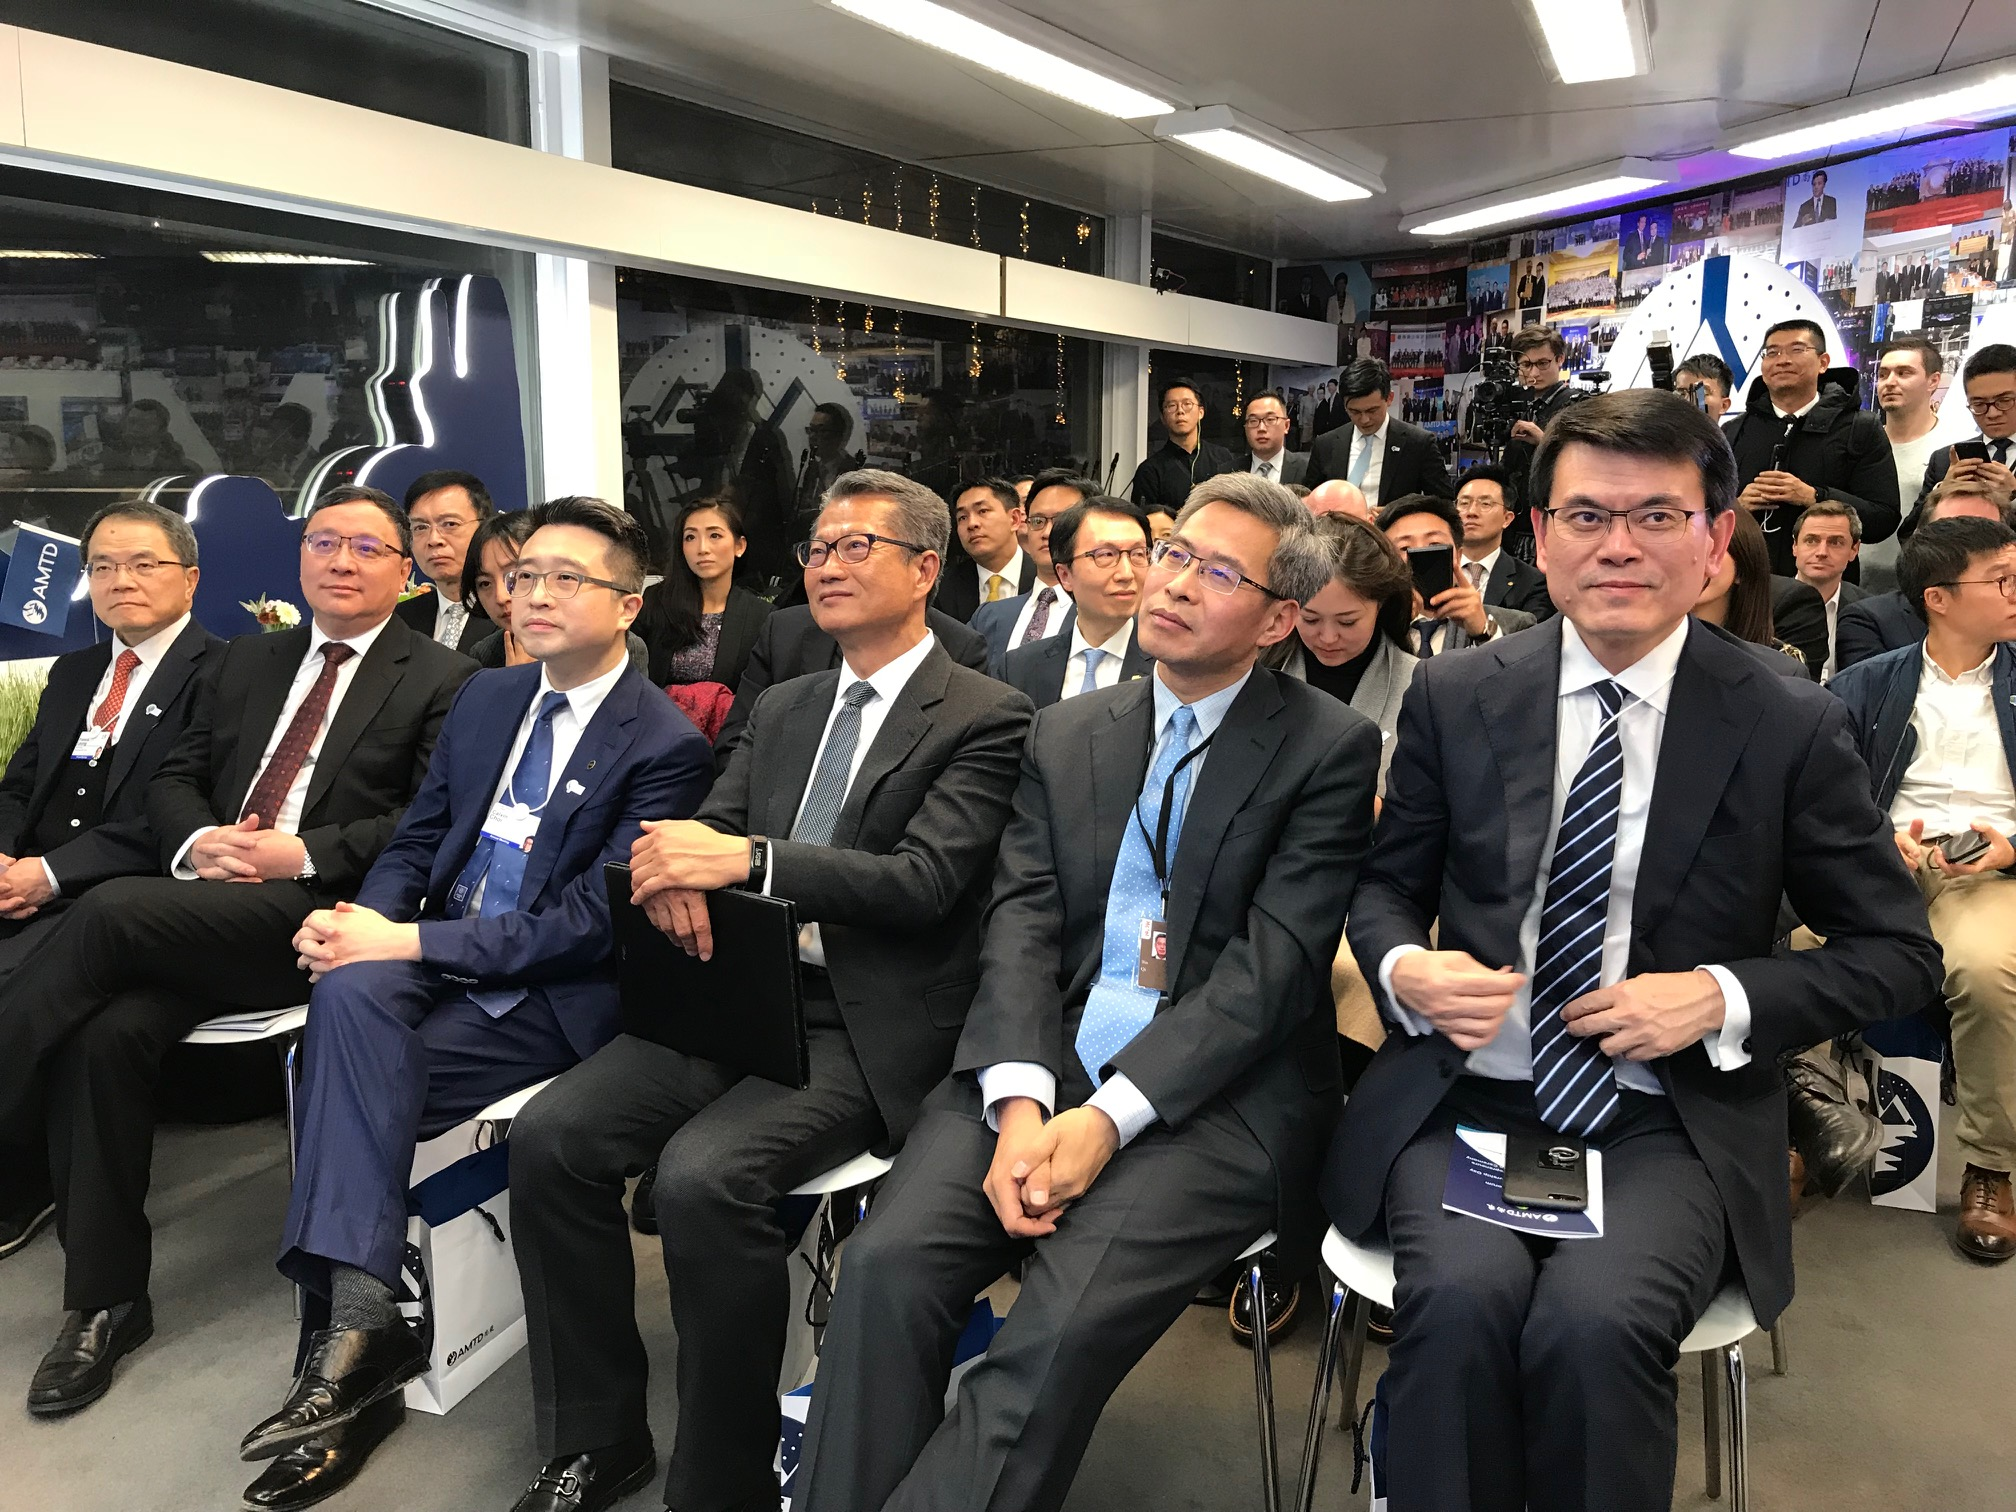 陳茂波(前排右三)和商務及經濟發展局局長邱騰華(前排右一)出席論壇。 政府圖片